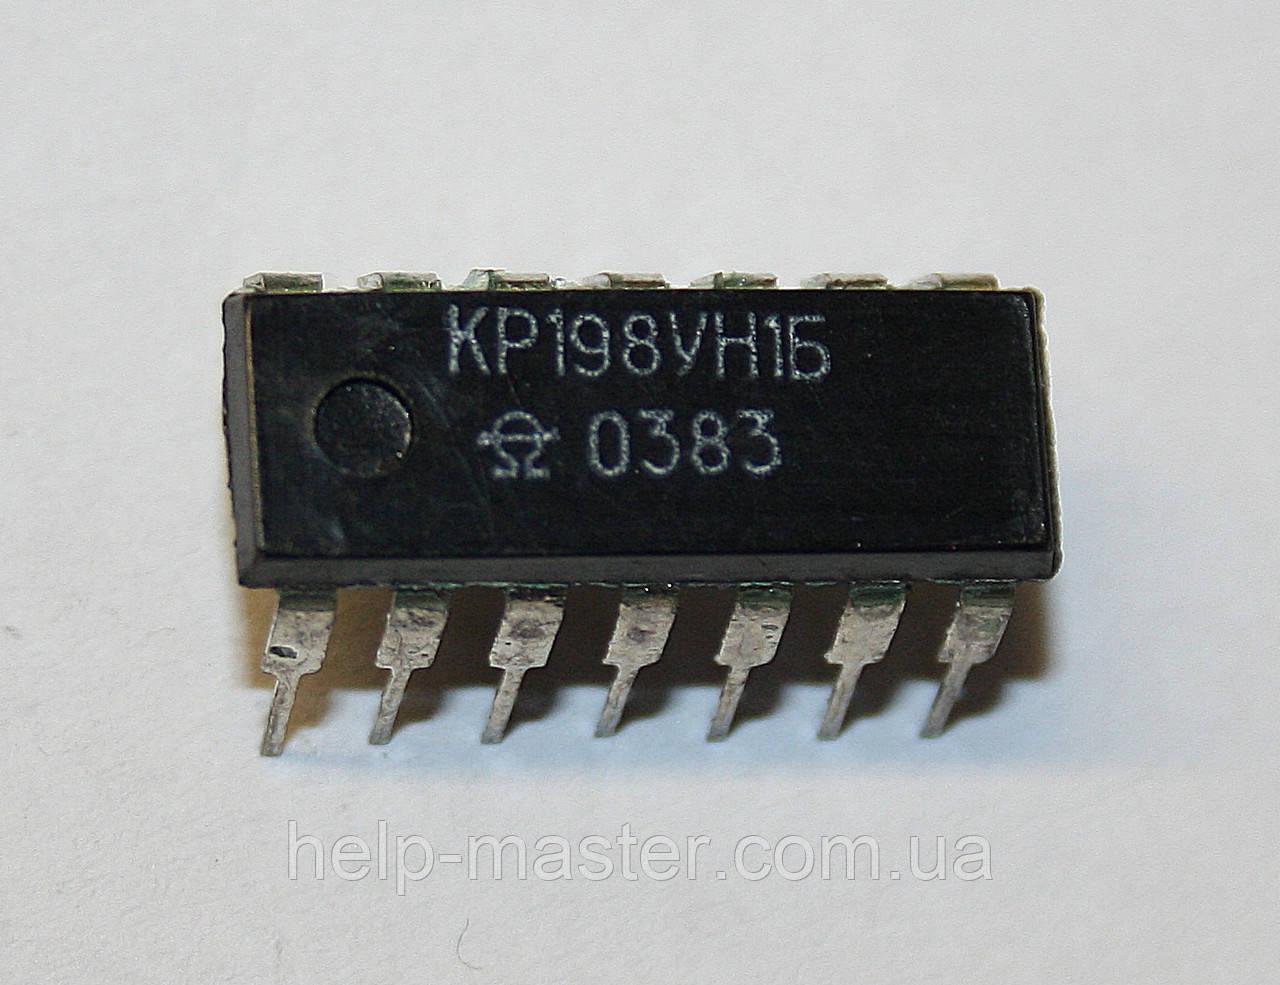 Микросхема КР198УН1Б (DIP-14)